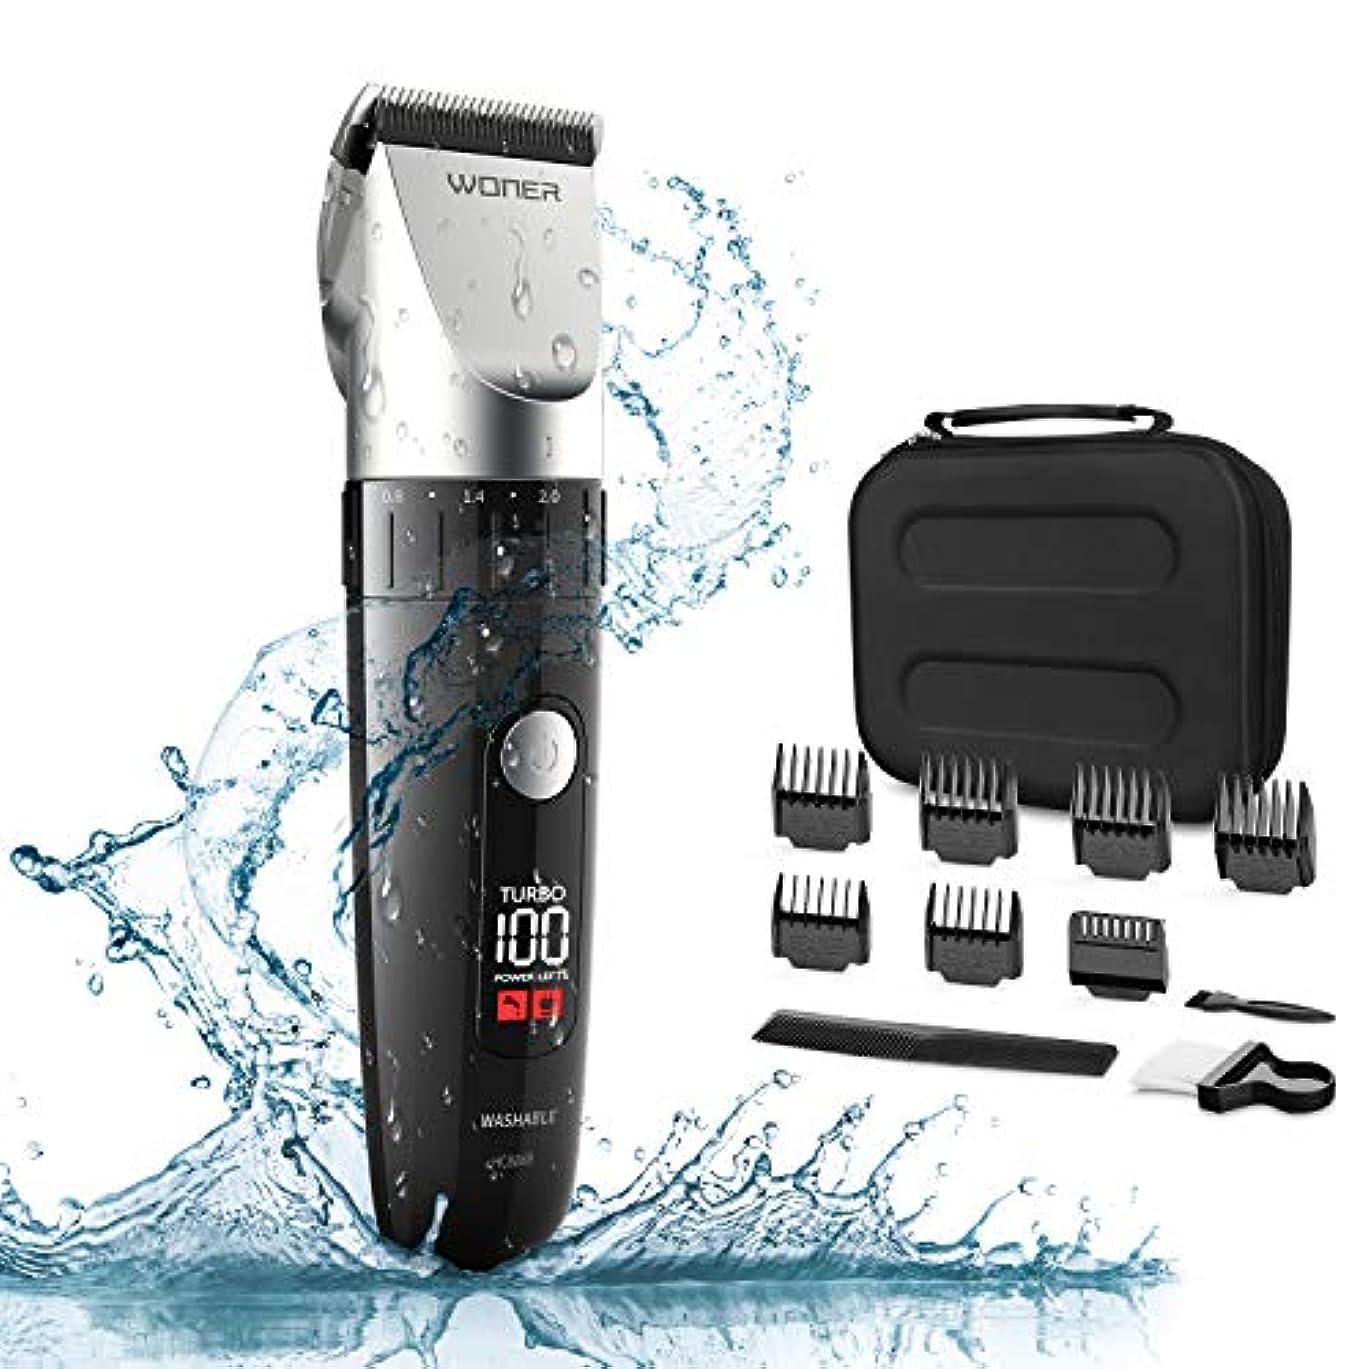 WONER 電動バリカン IPX7防水 ヘアクリッパー 充電式 ばりかん LED 5段階調節可能 ヘアーカッター 家庭用?業務用